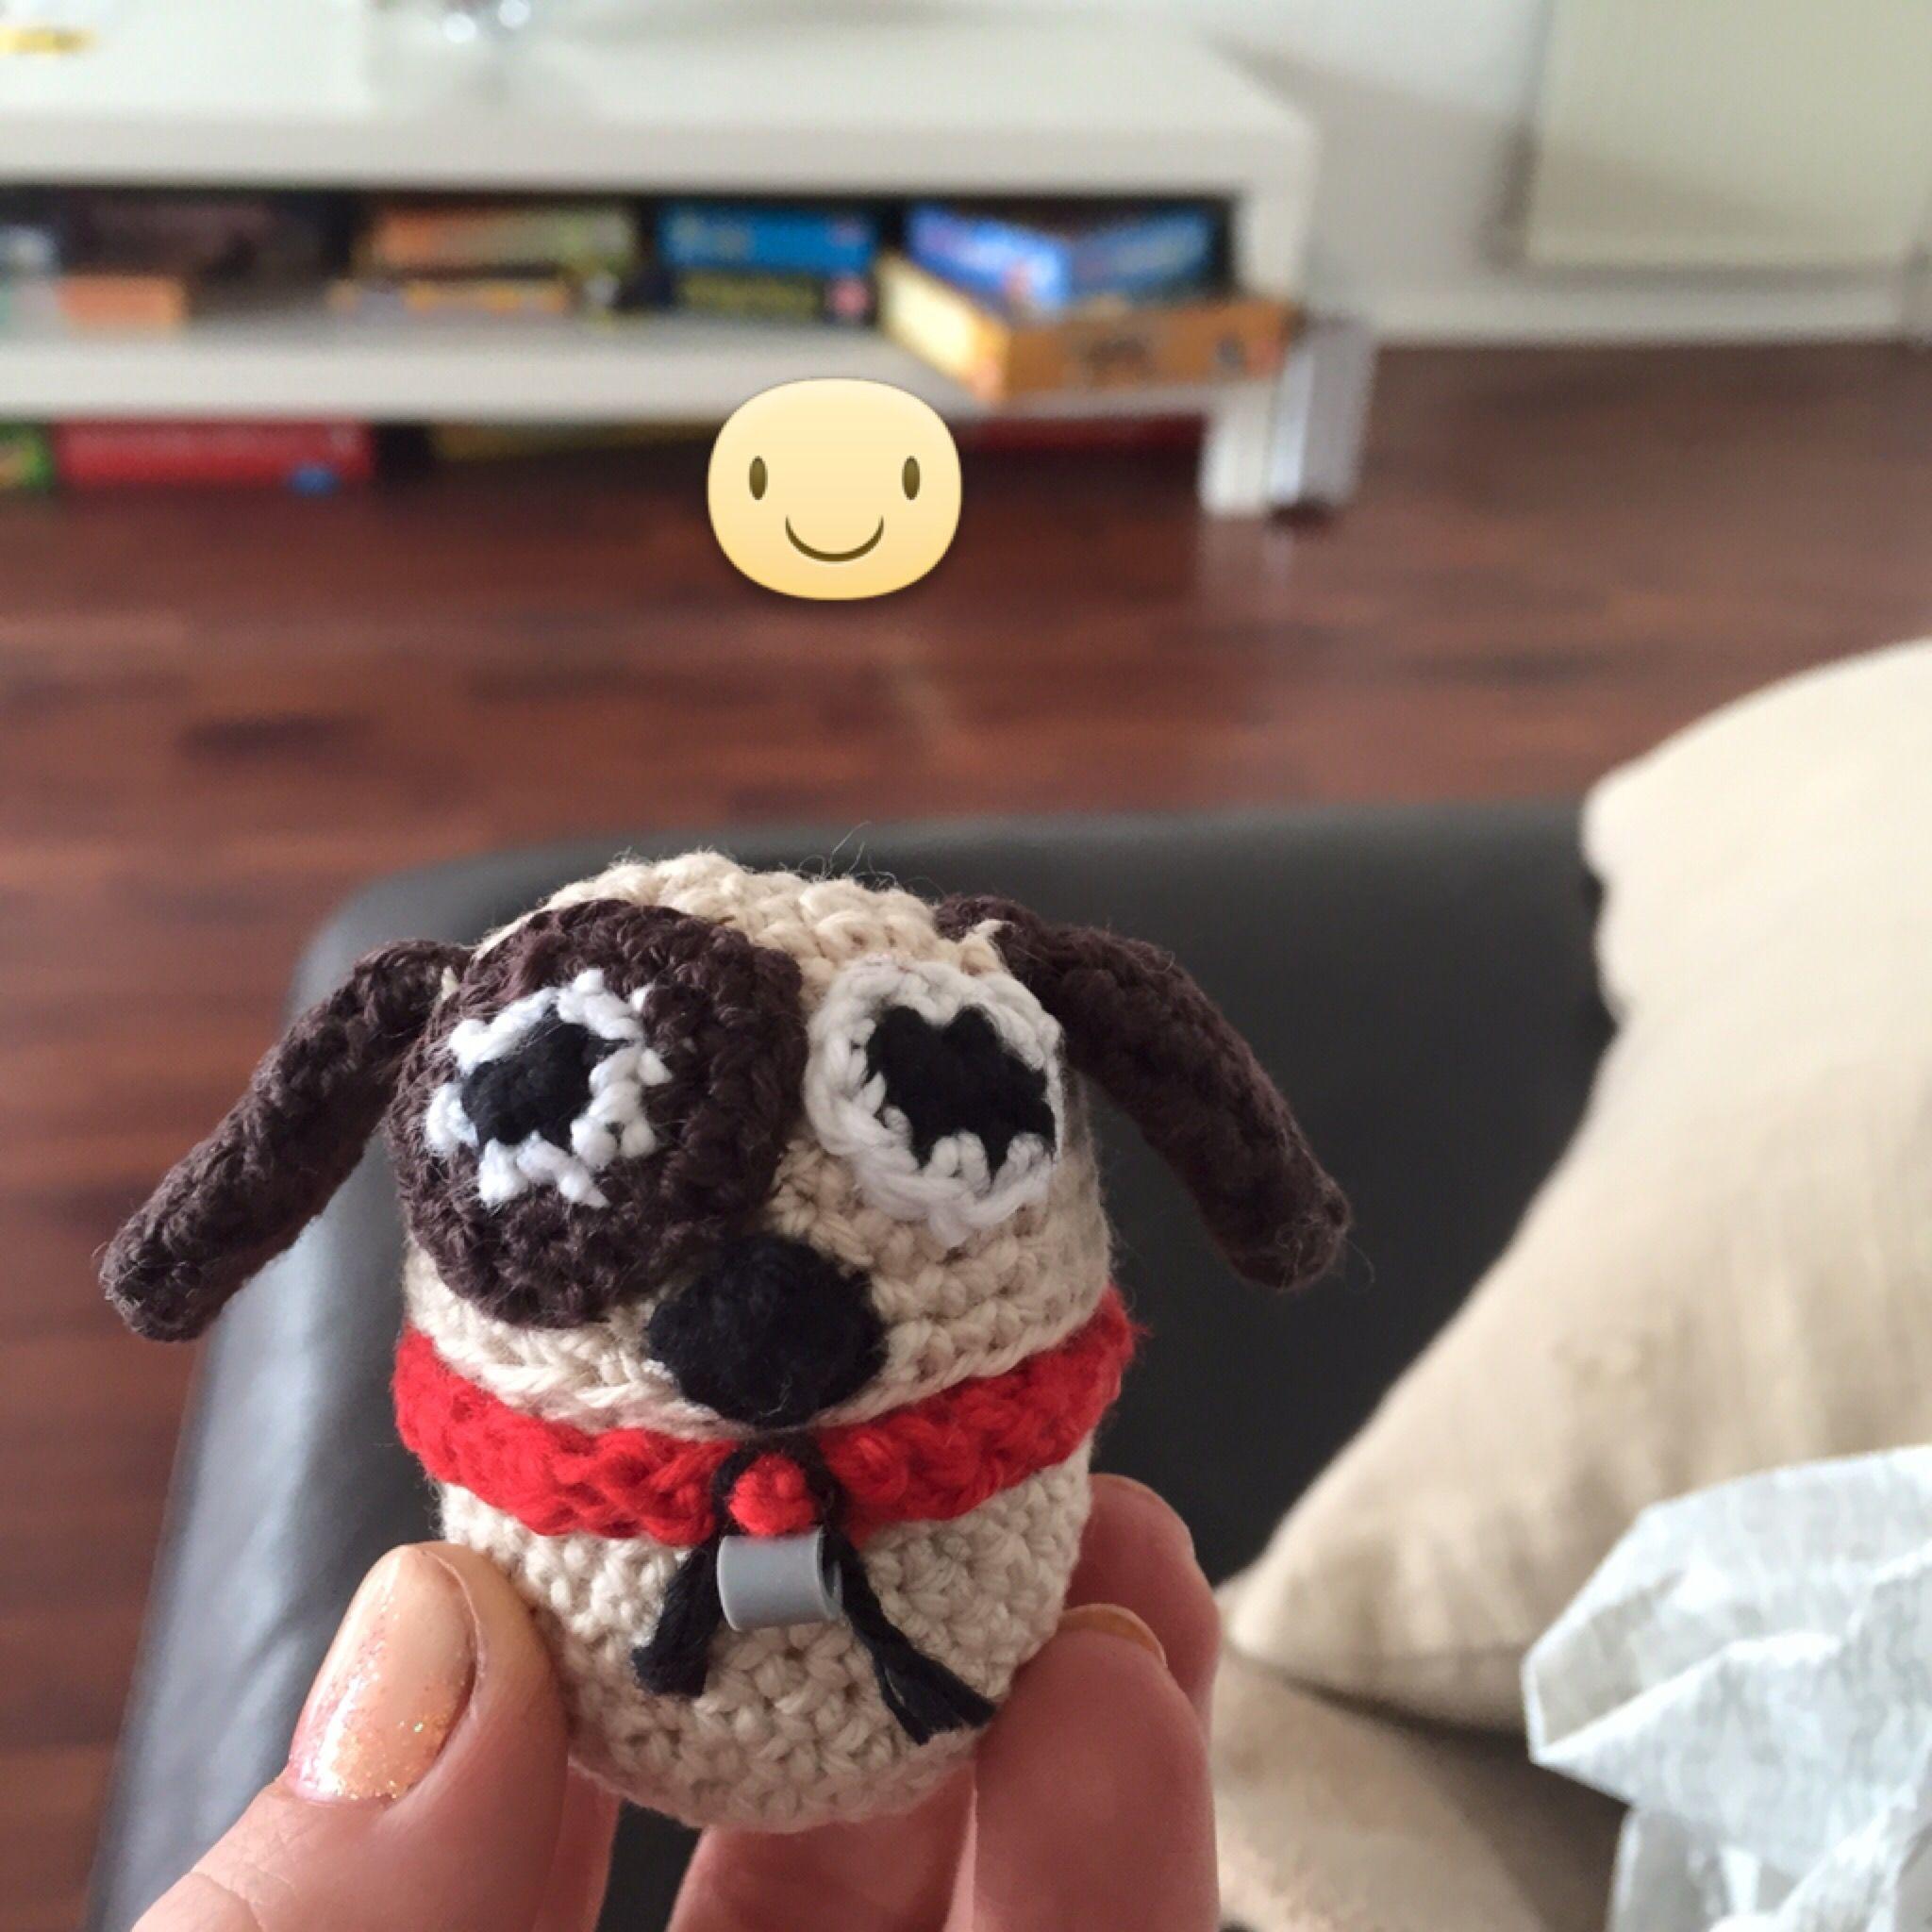 Kinder æg hækling :-) En lille hund! Kinder egg crochet - dog